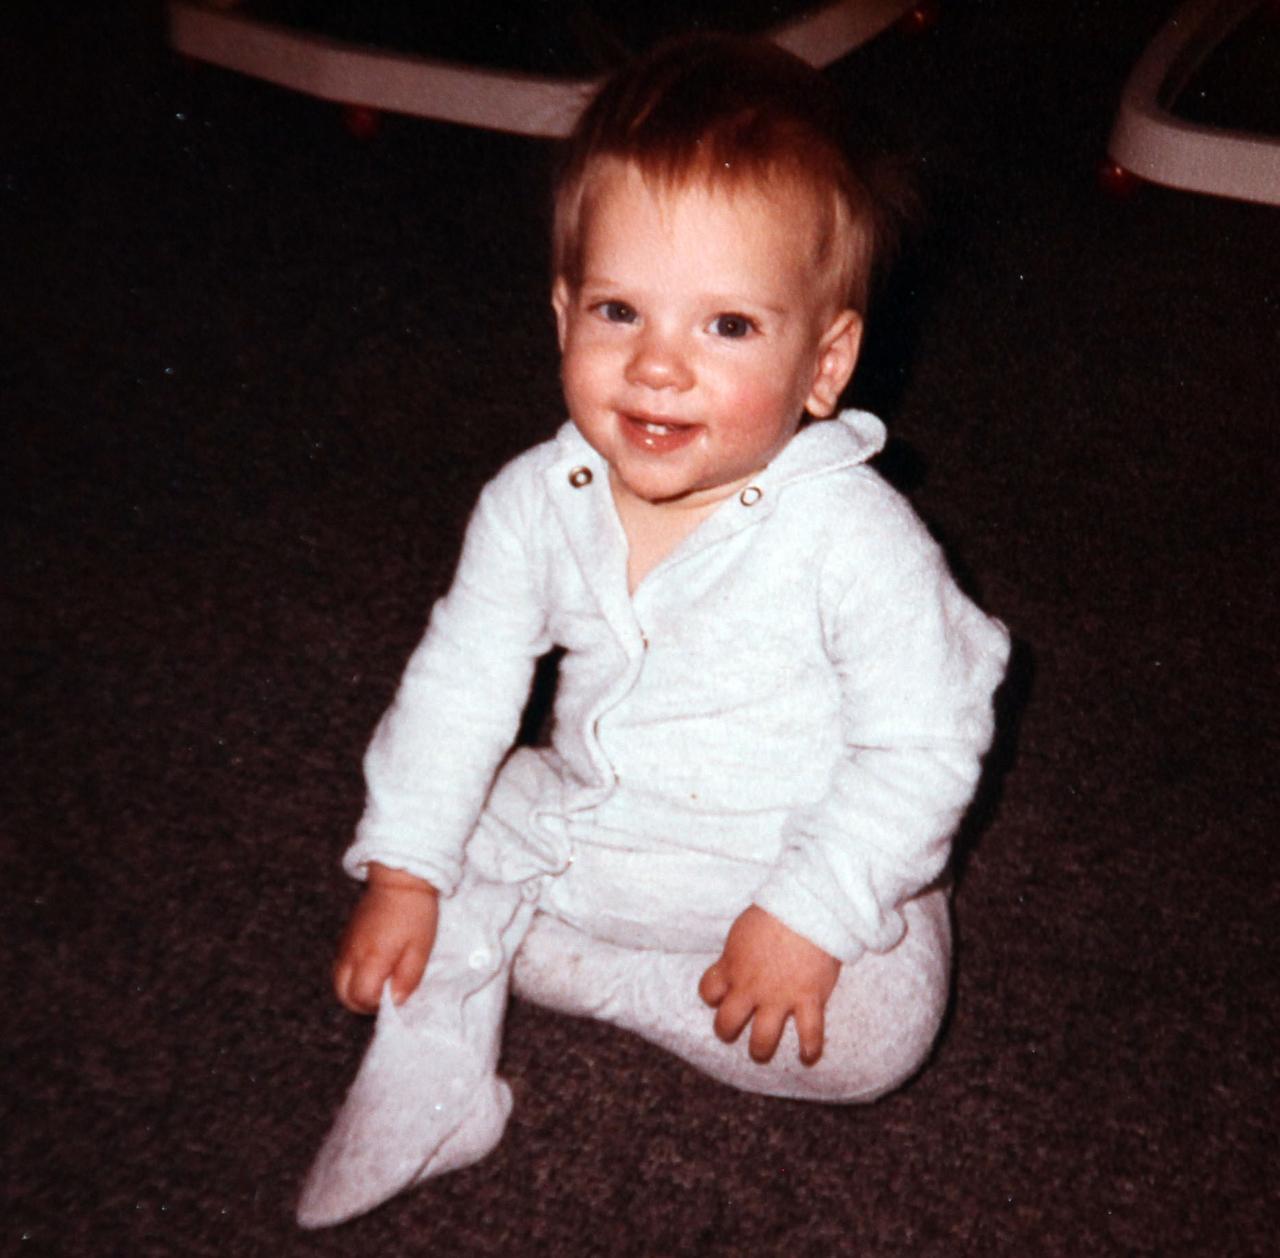 画像5: 天使のような赤ちゃんは誰?